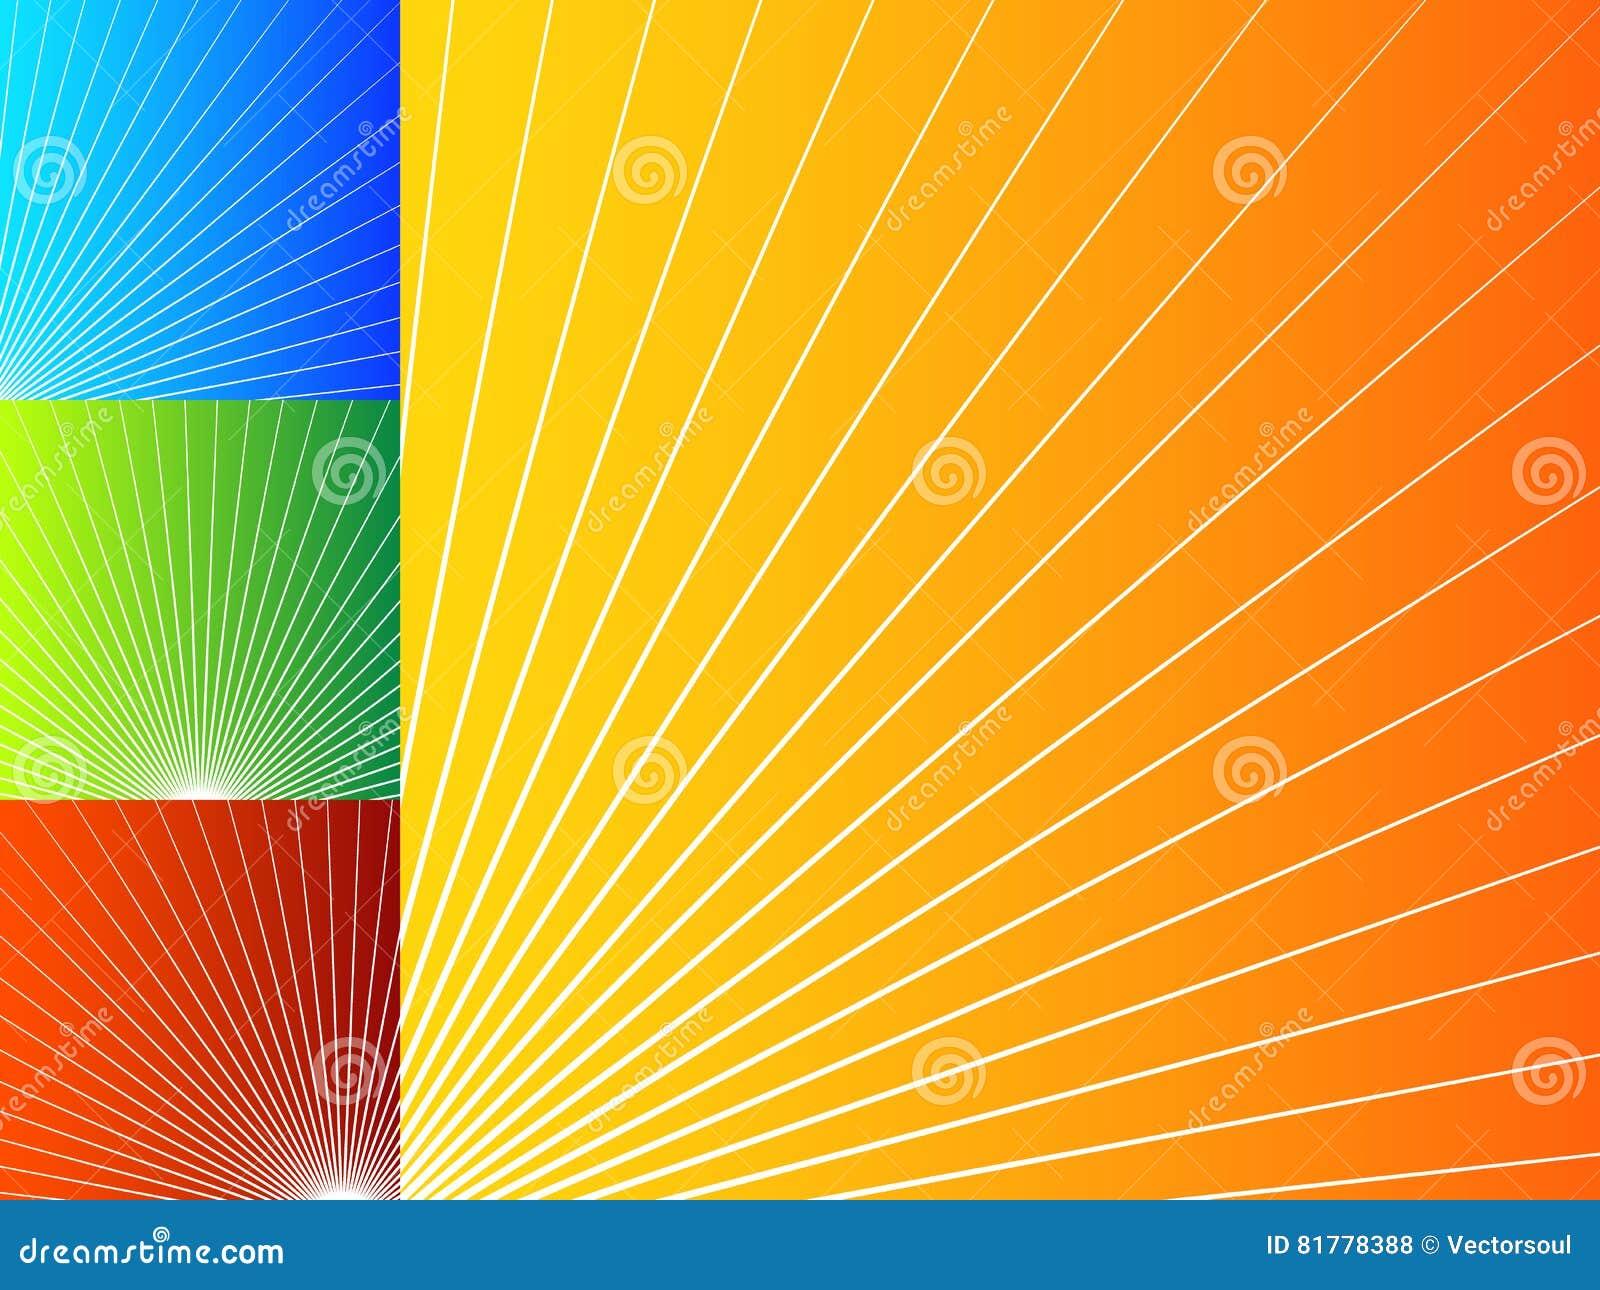 Красочные абстрактные предпосылки с радиальными линиями